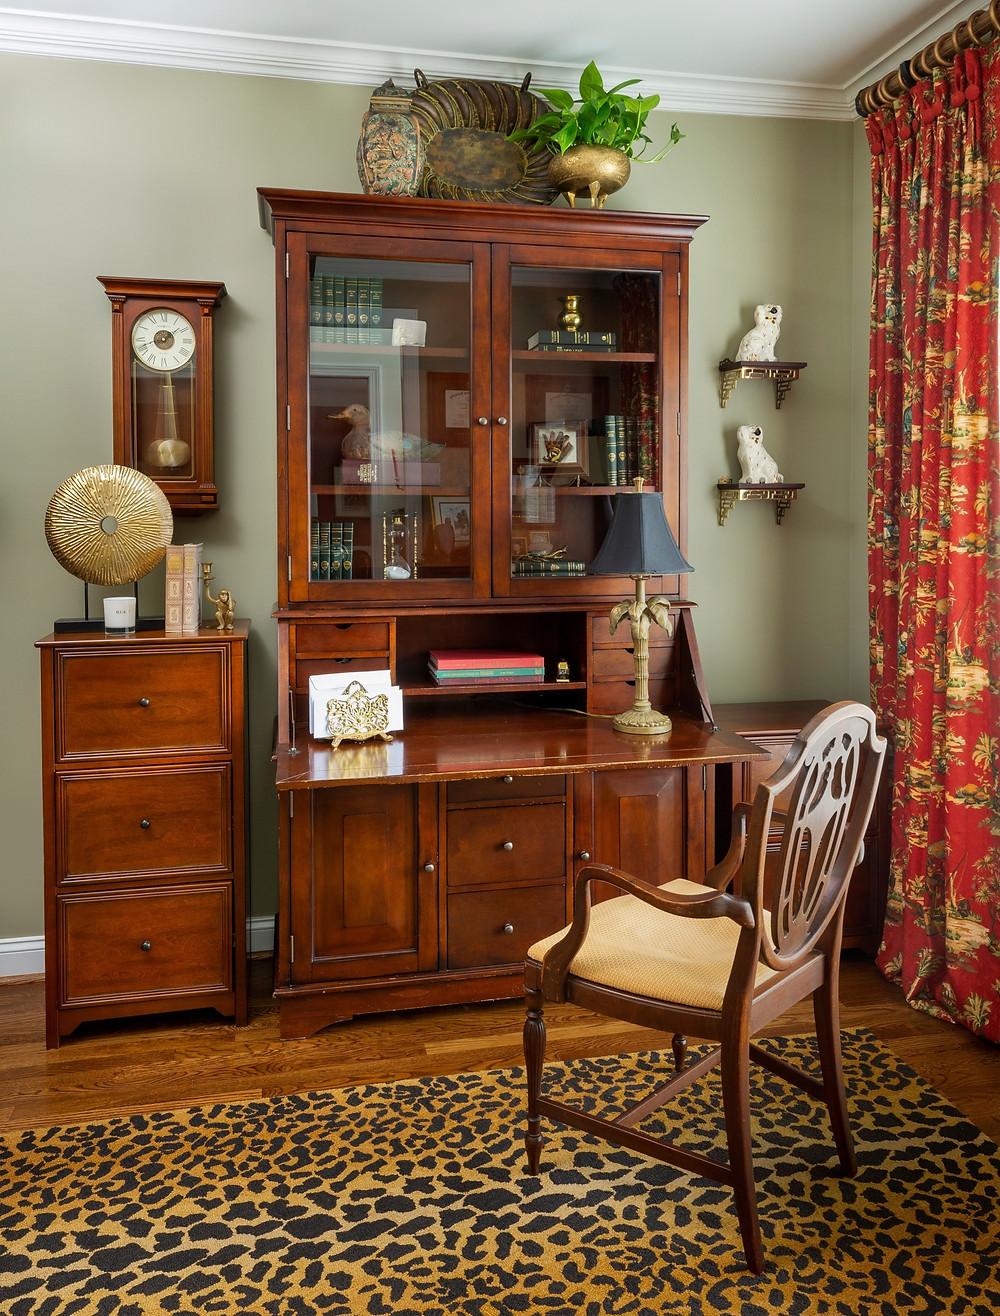 Interior Design Consultation, Anna Kucera, Gracious Living by Design